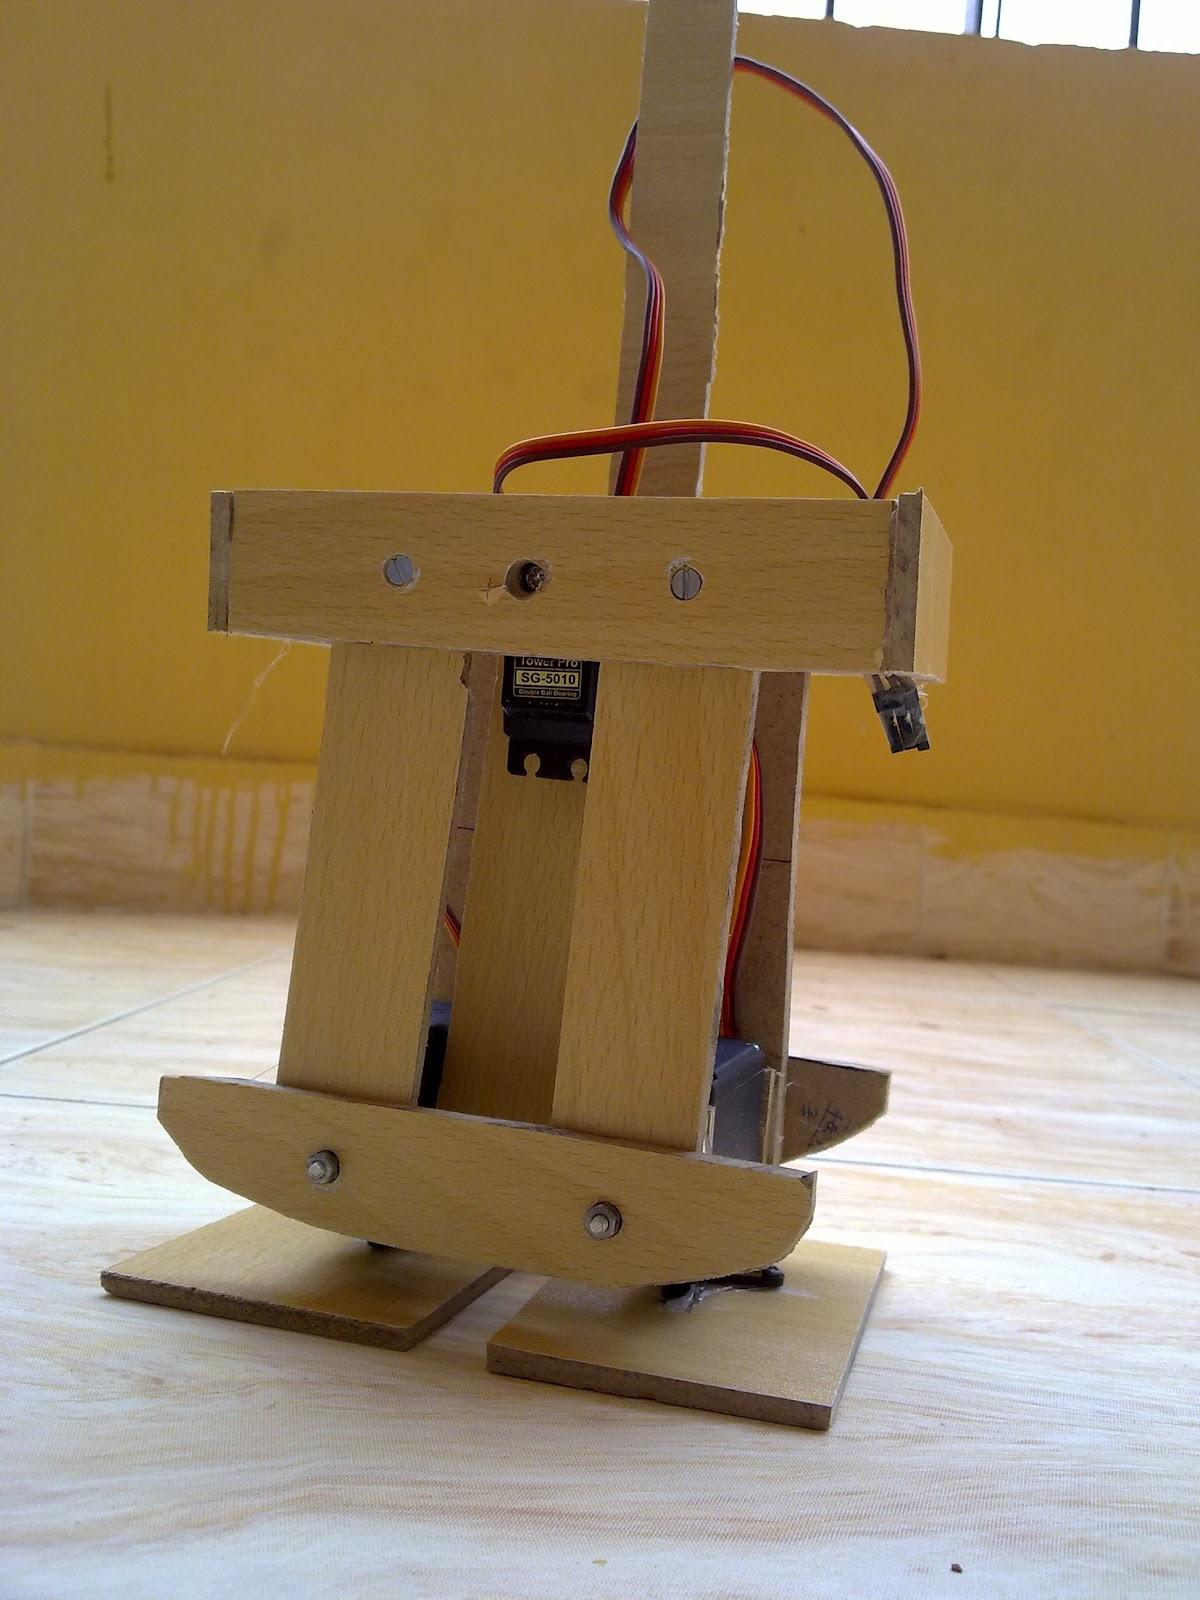 Make a walking robot using arduino and servos sample